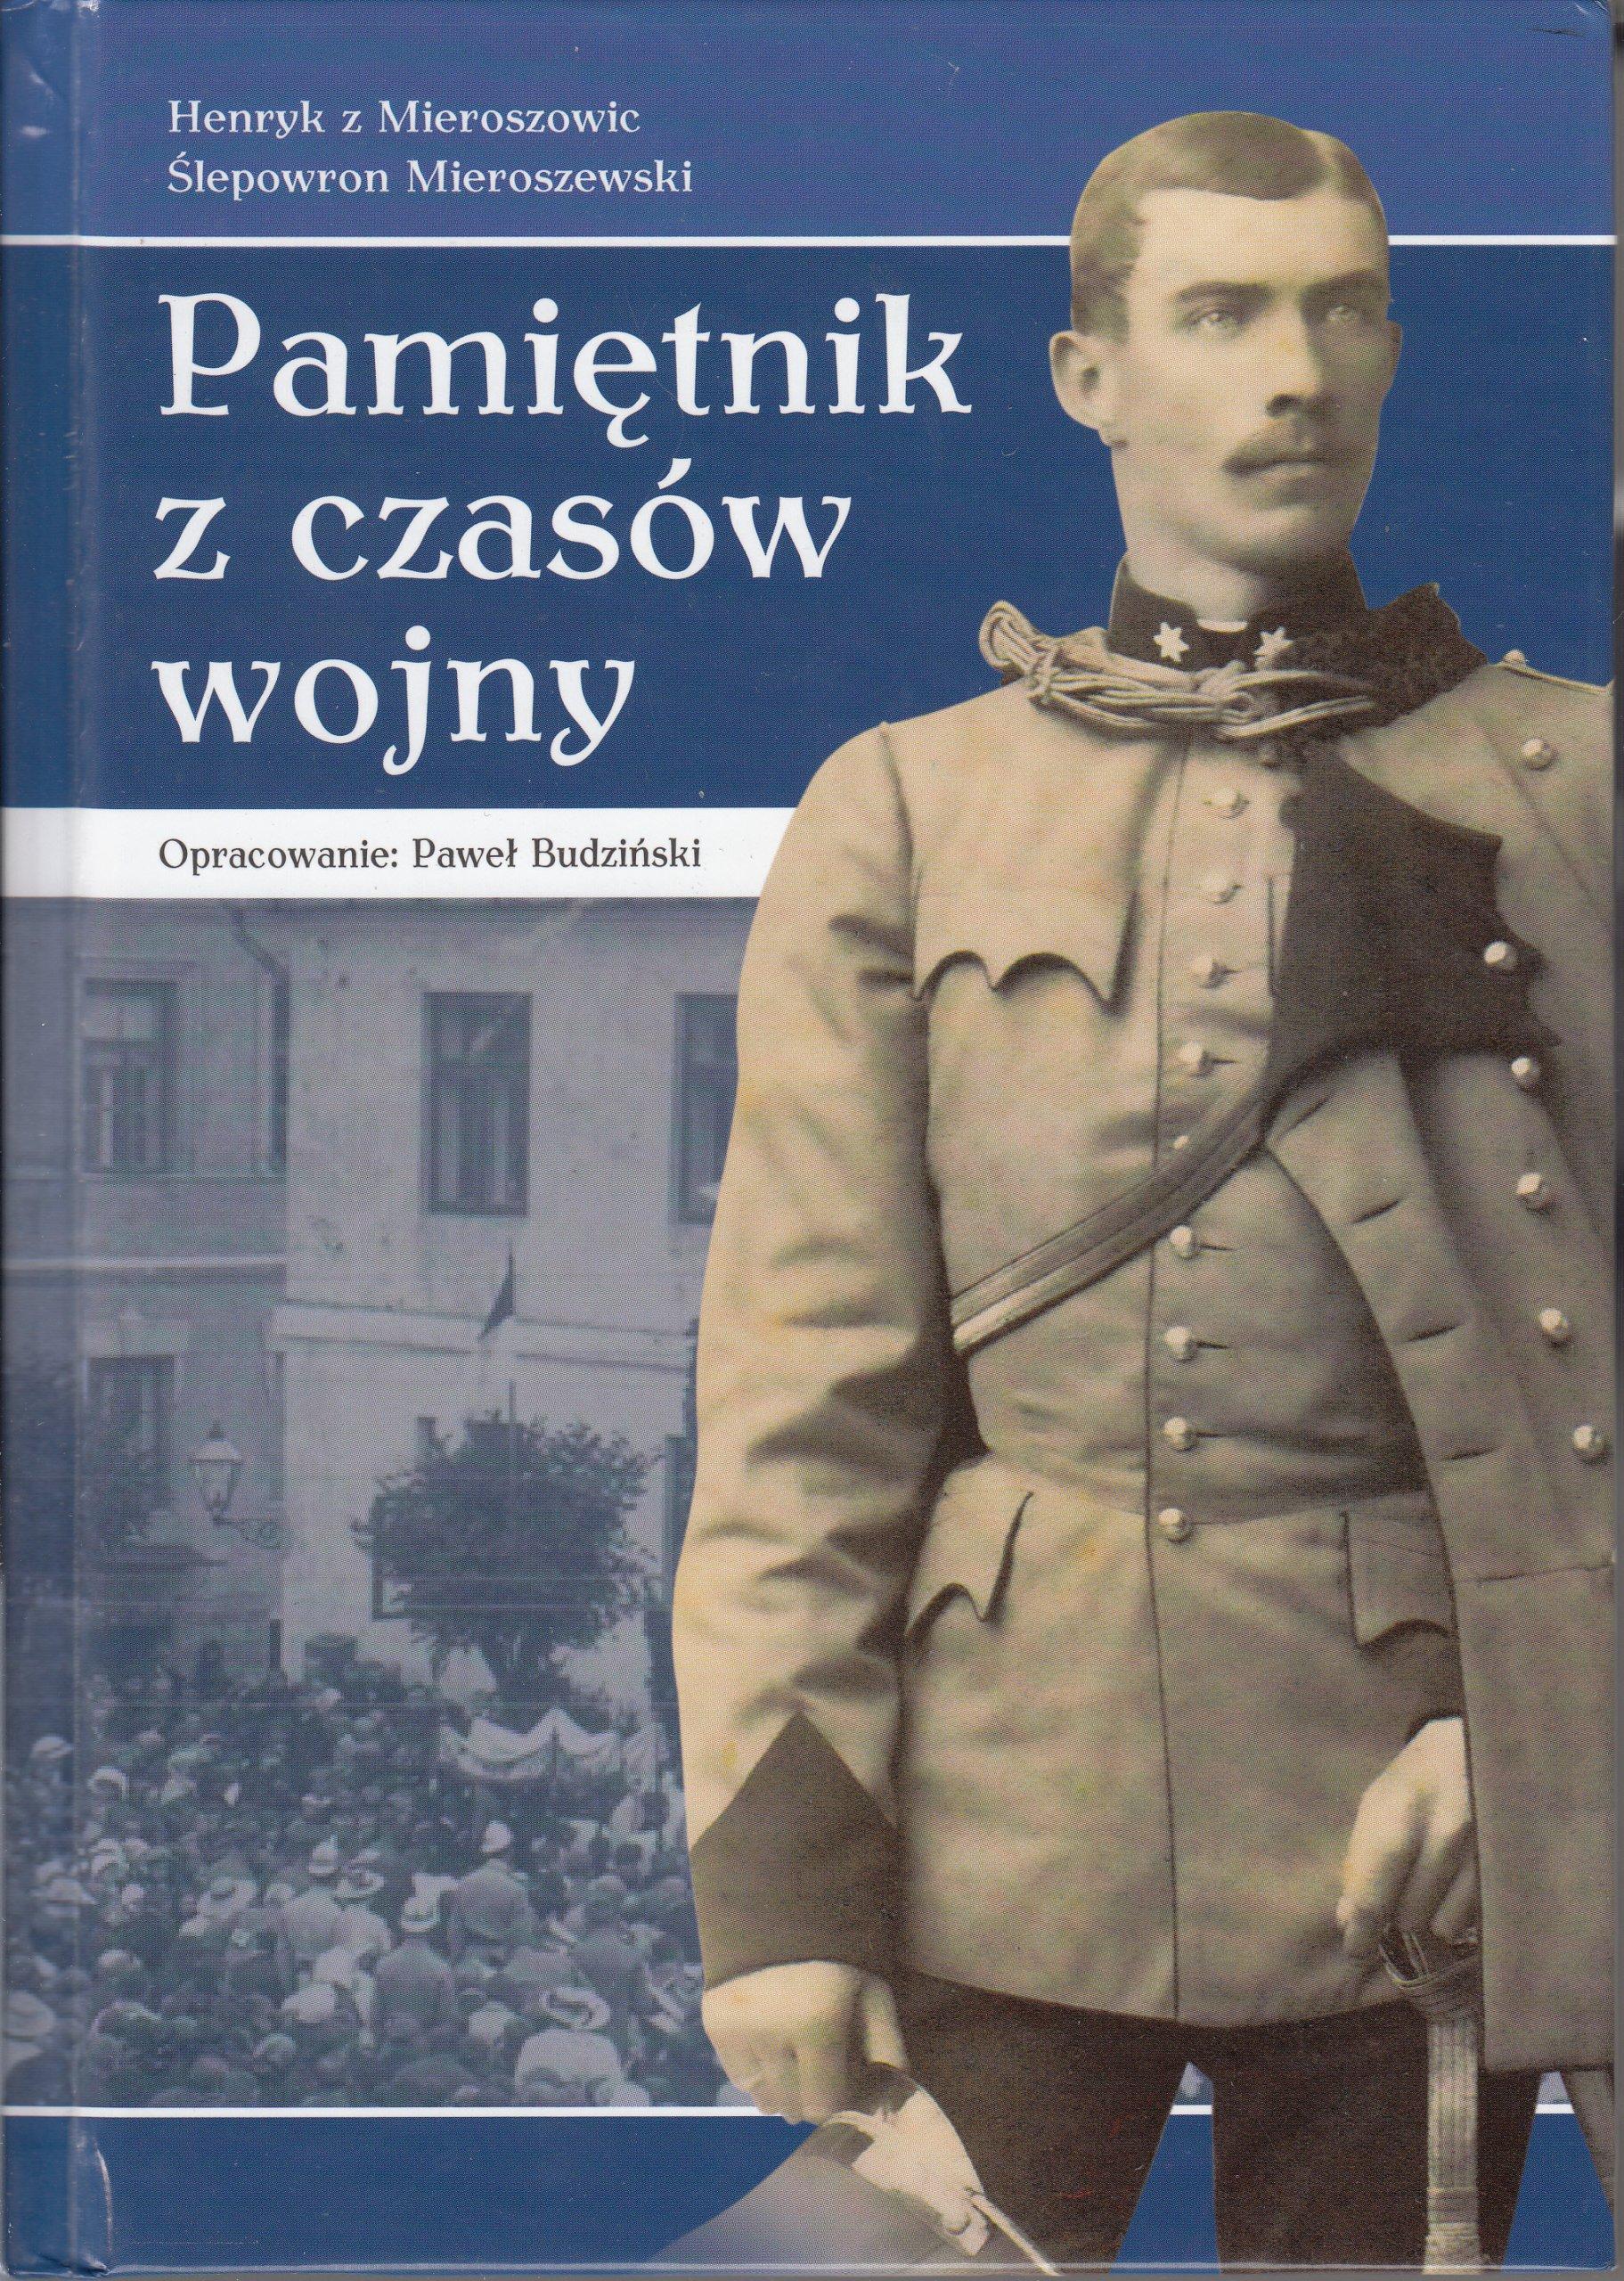 Pamiętnik z czasów wojny Piotrków Opoczno I wojna